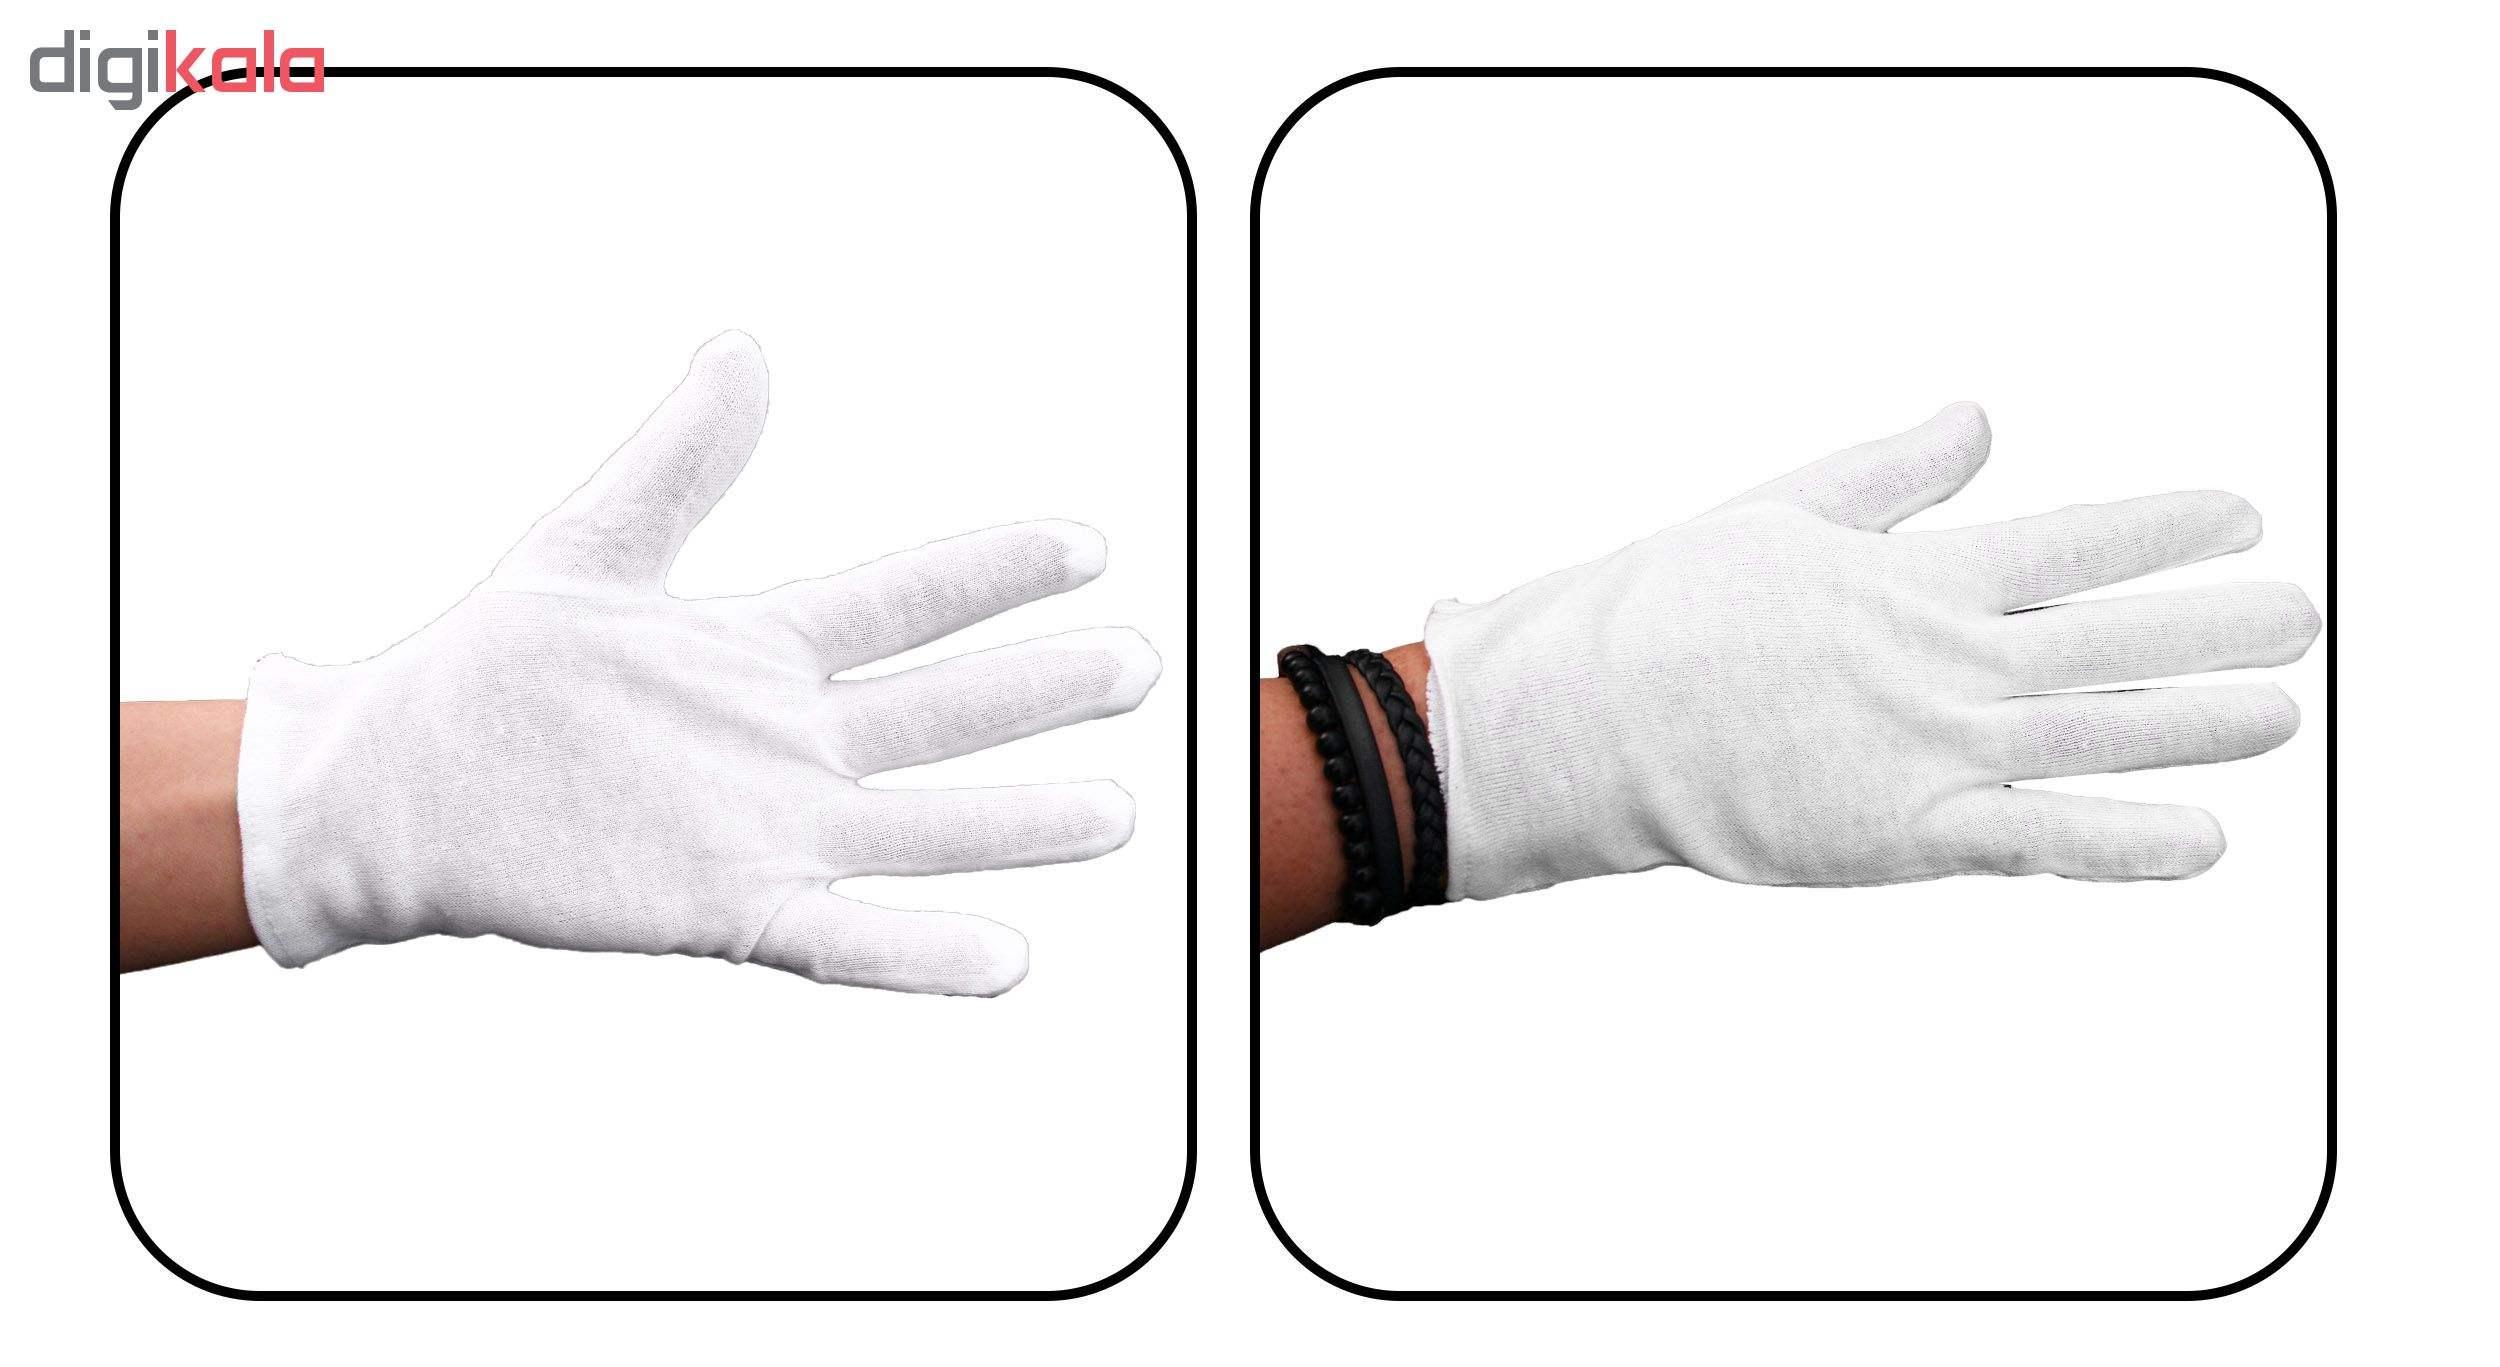 دستکش زنانه کد 5236 main 1 2